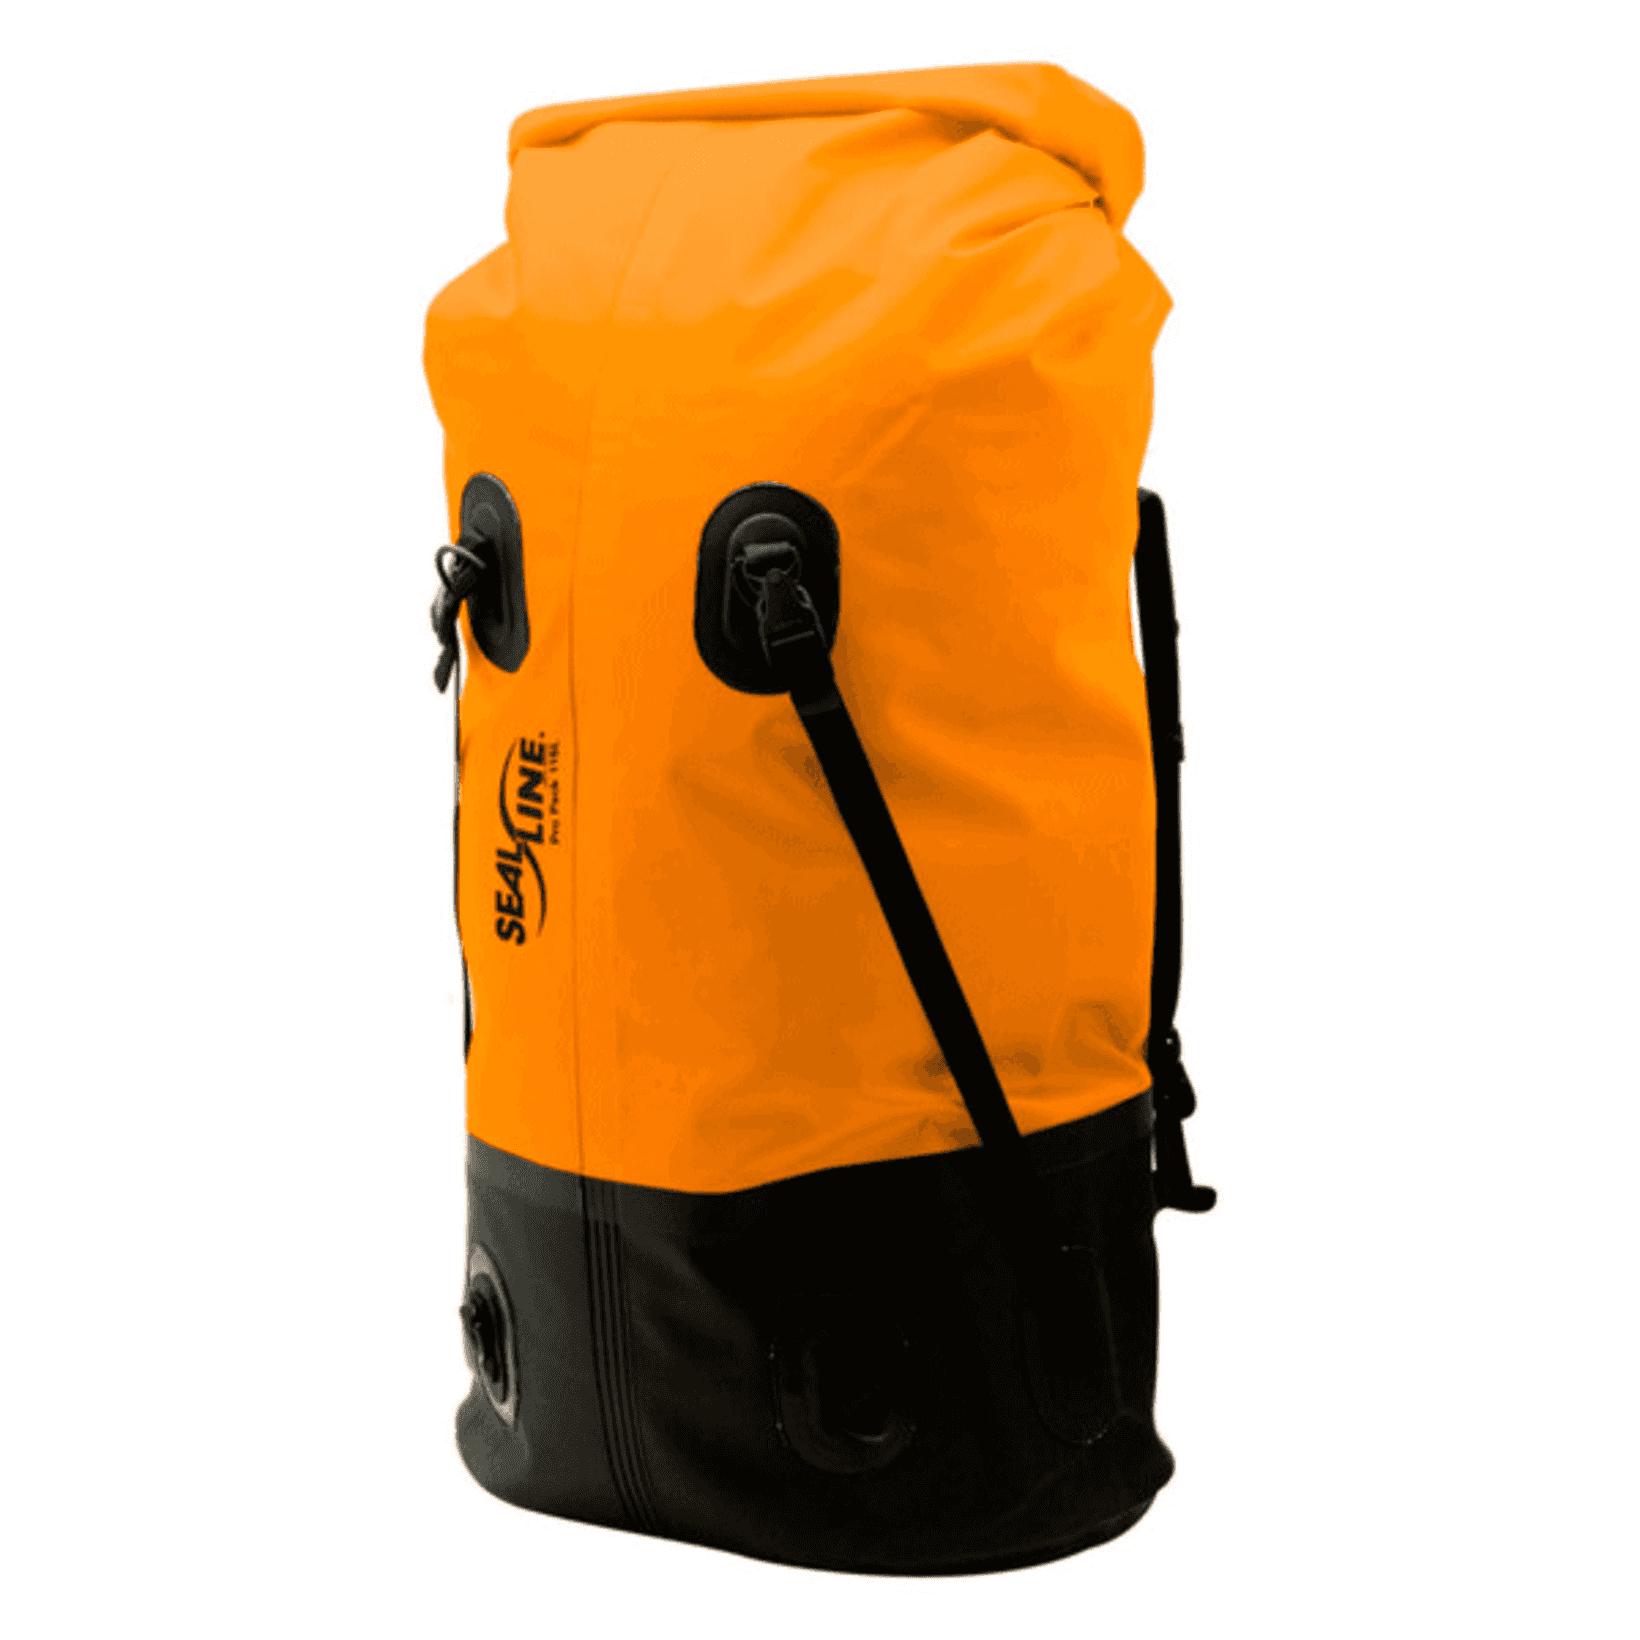 Dry Bag Pack 115L - front